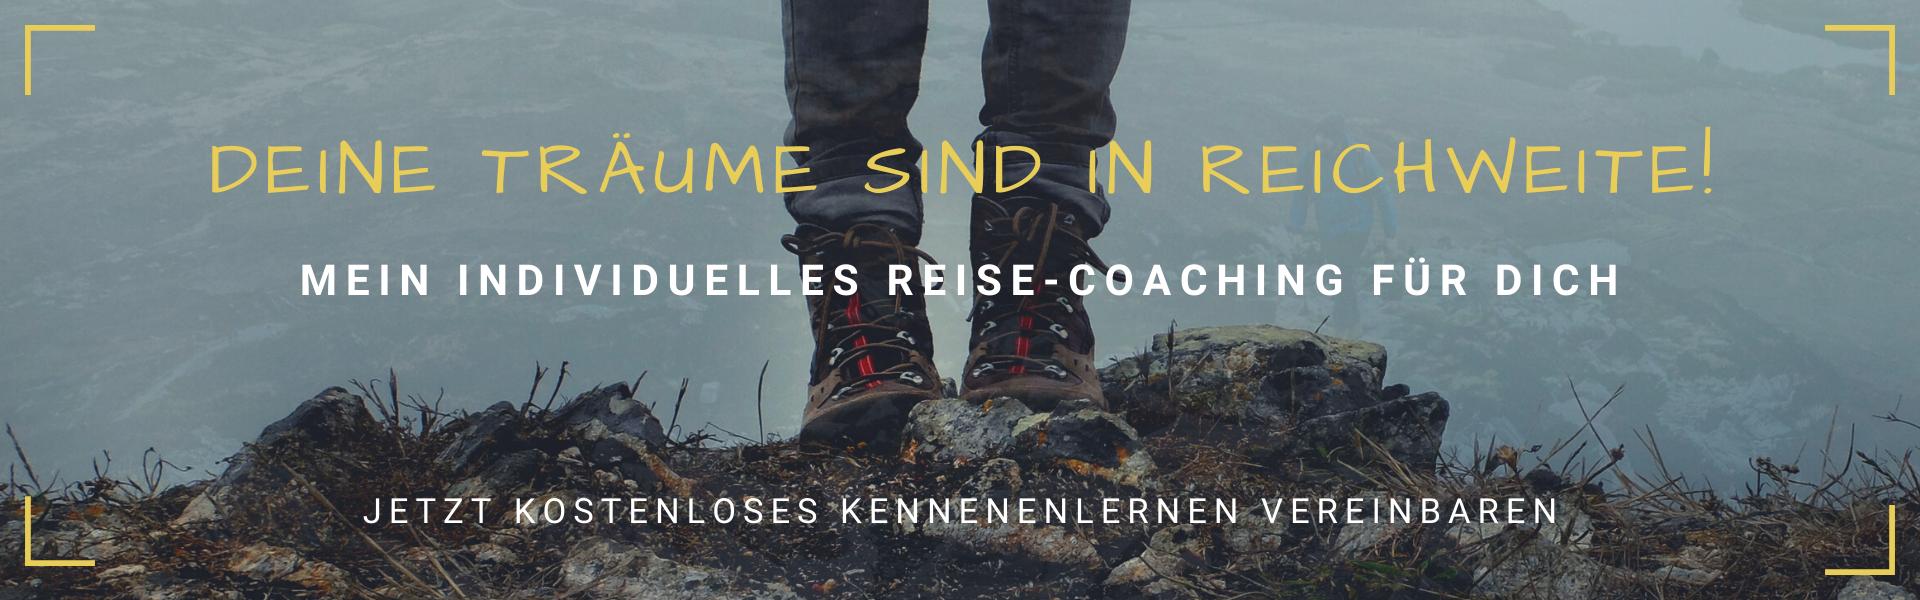 Deine Träume in Reichweite - Reise-Coaching Banner